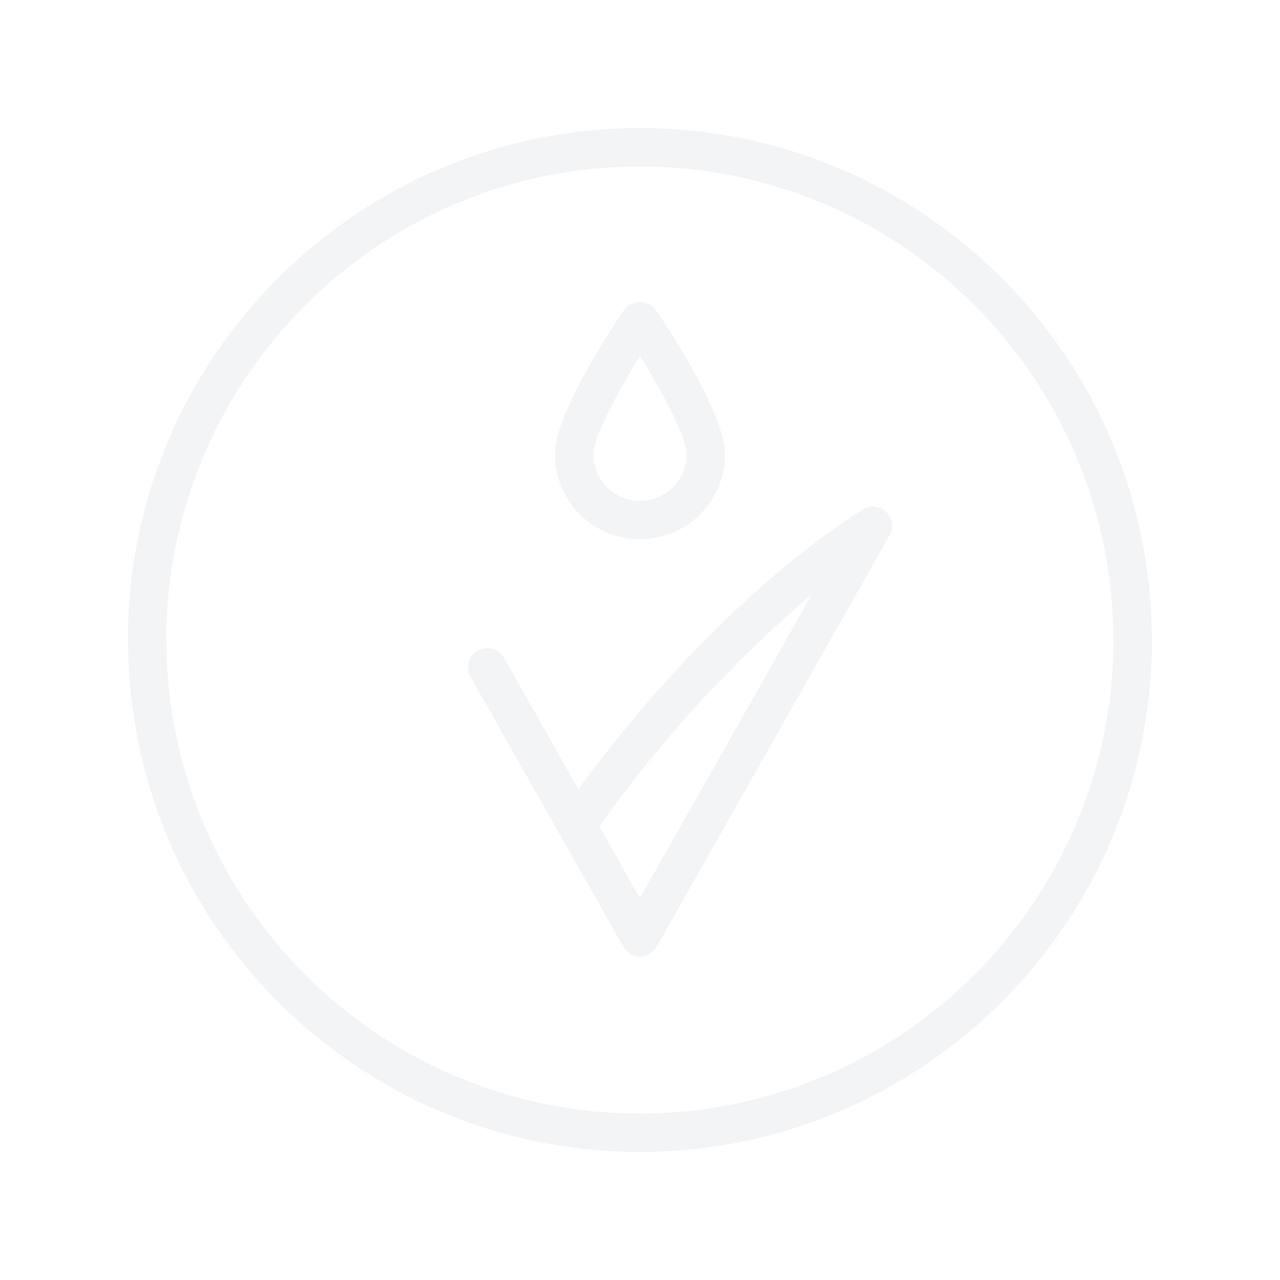 Sleek Makeup Cream Contour Kit No.095 Light 12g